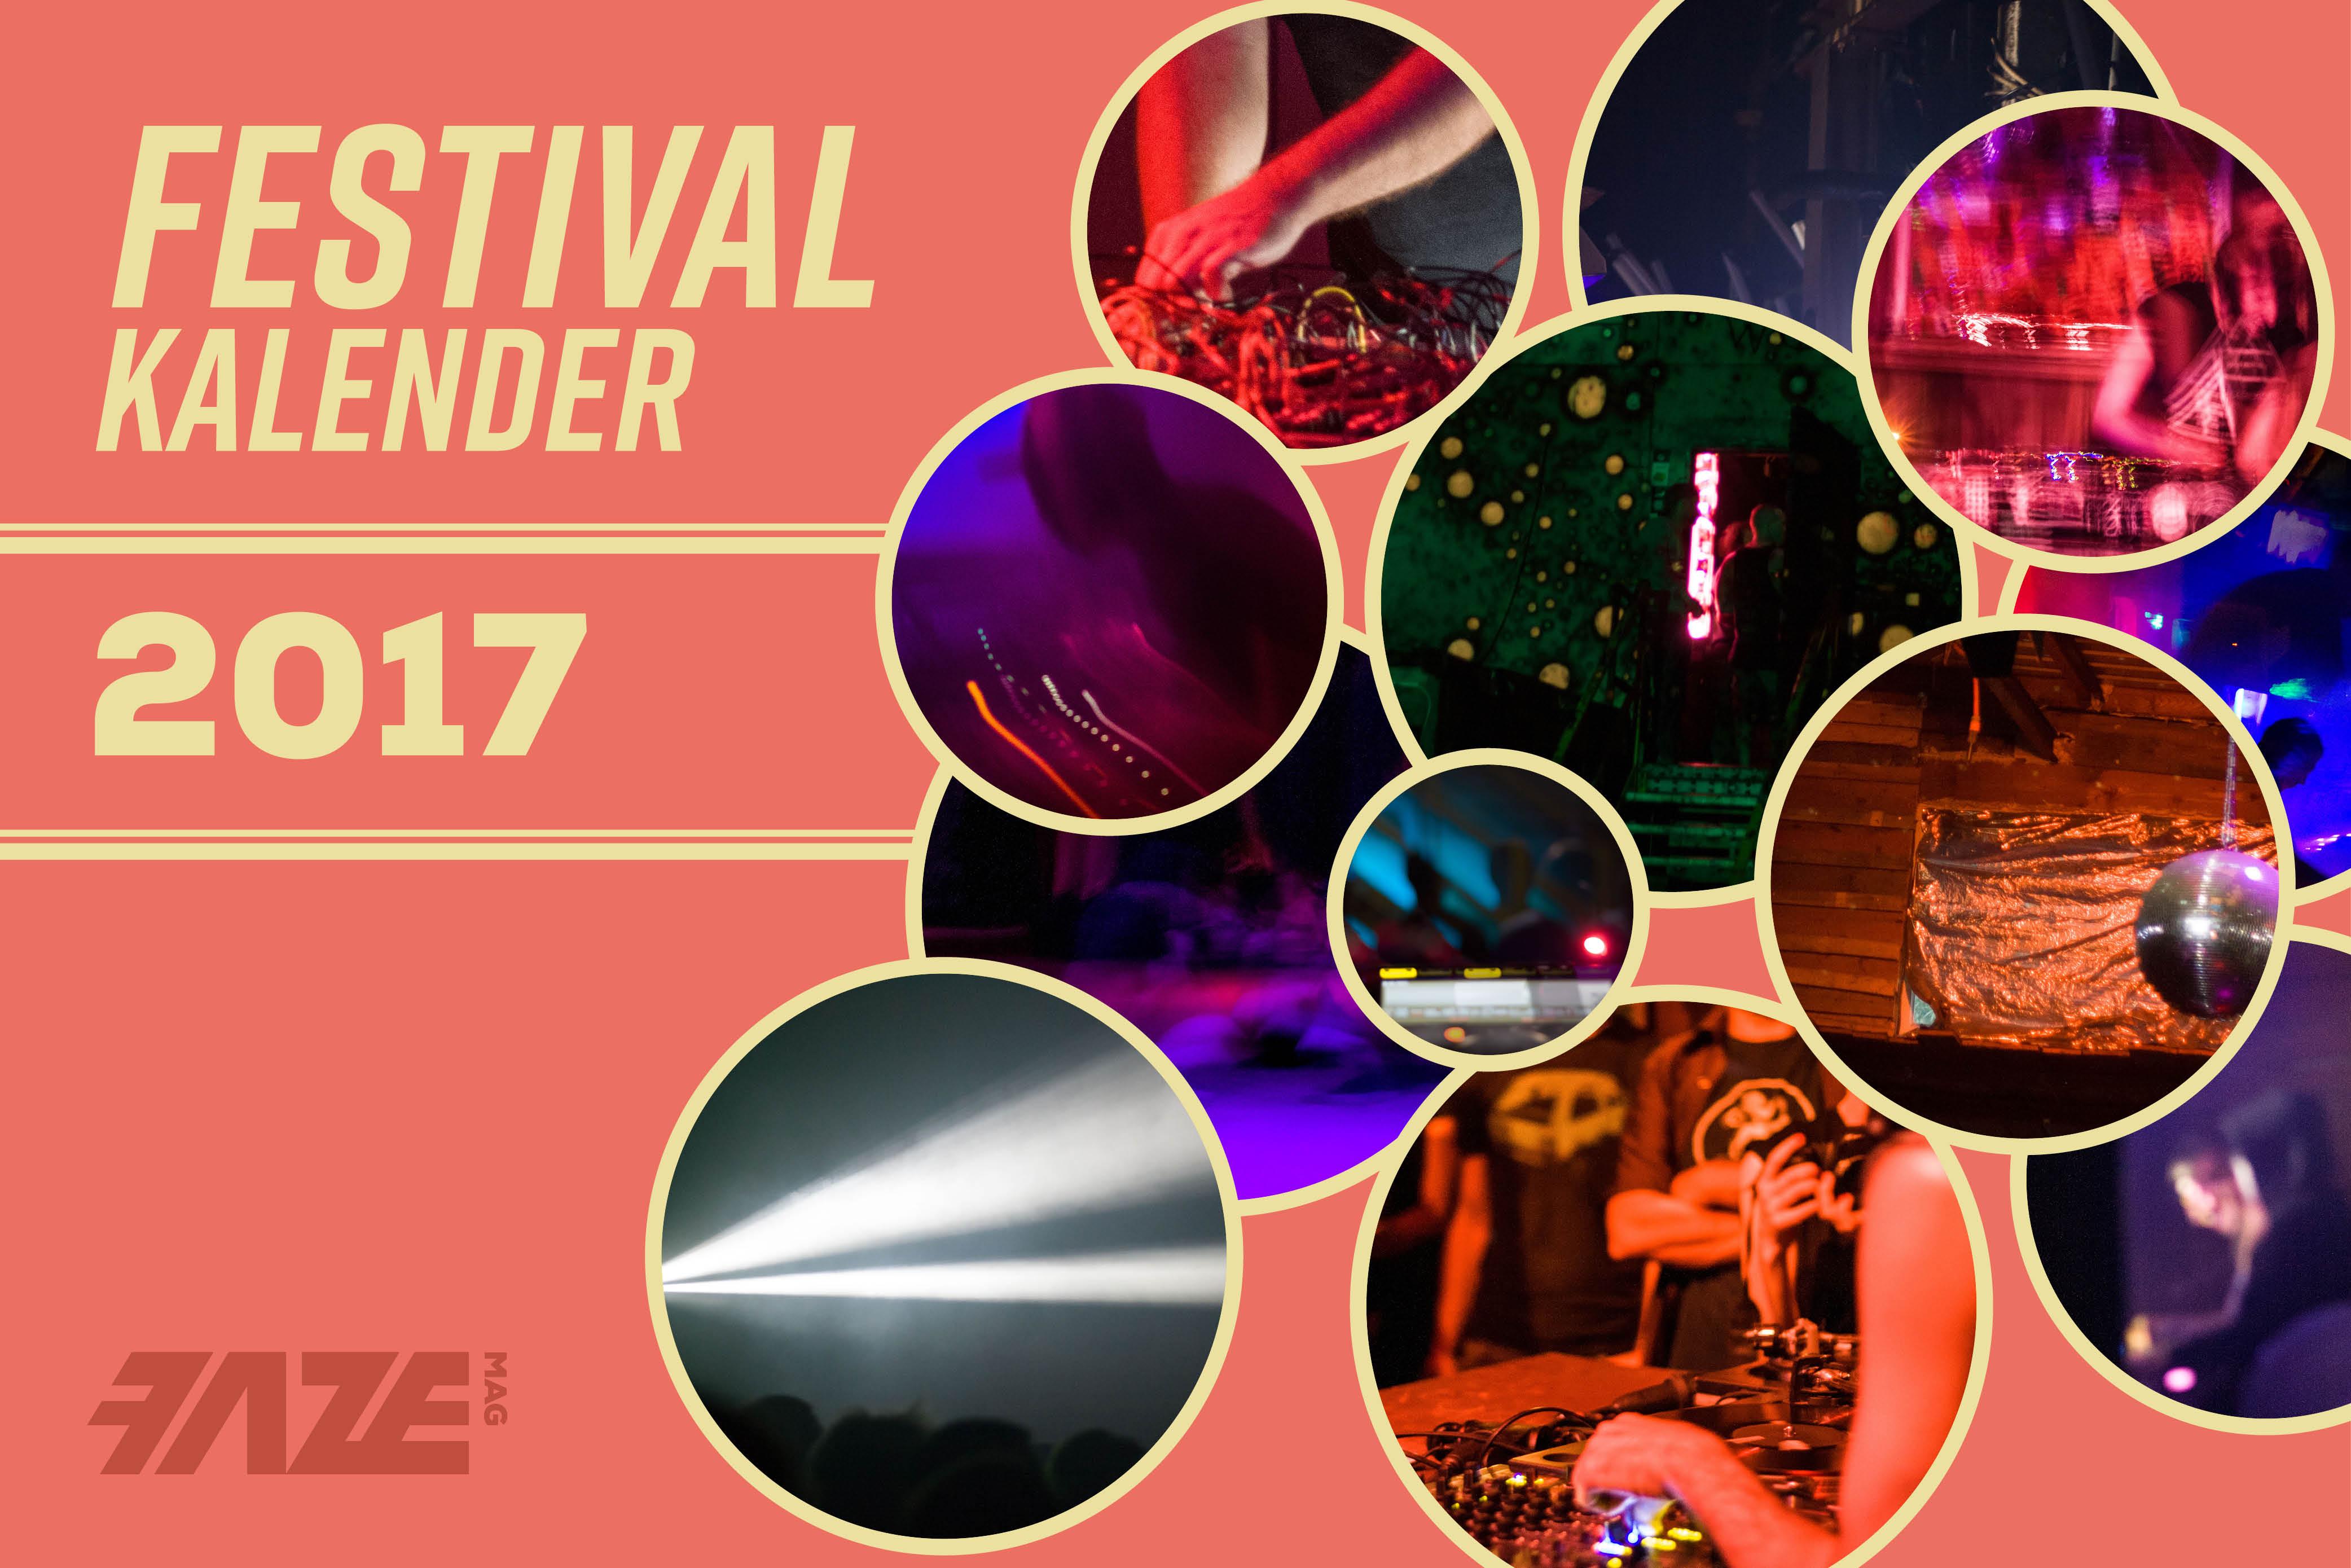 Festivalkalender 2017